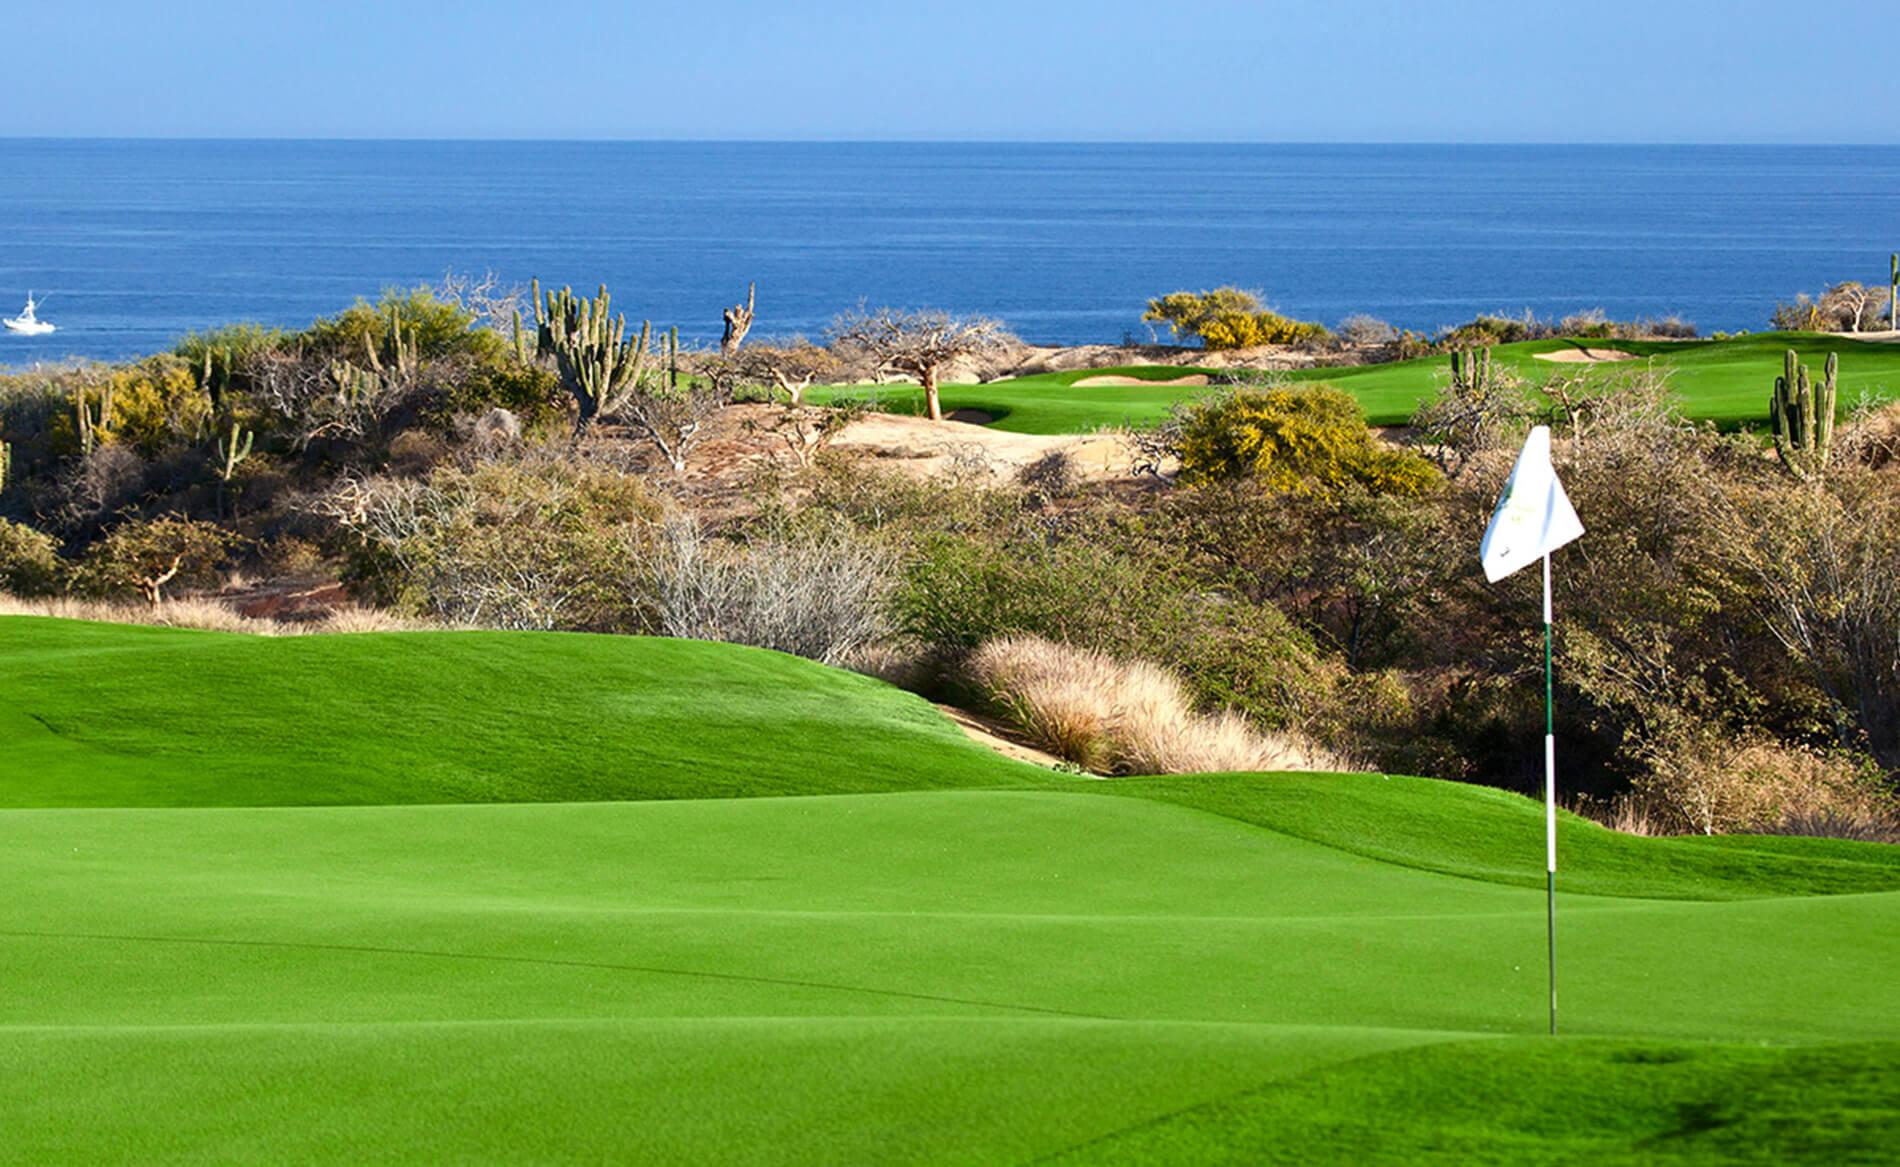 san diego golf tours